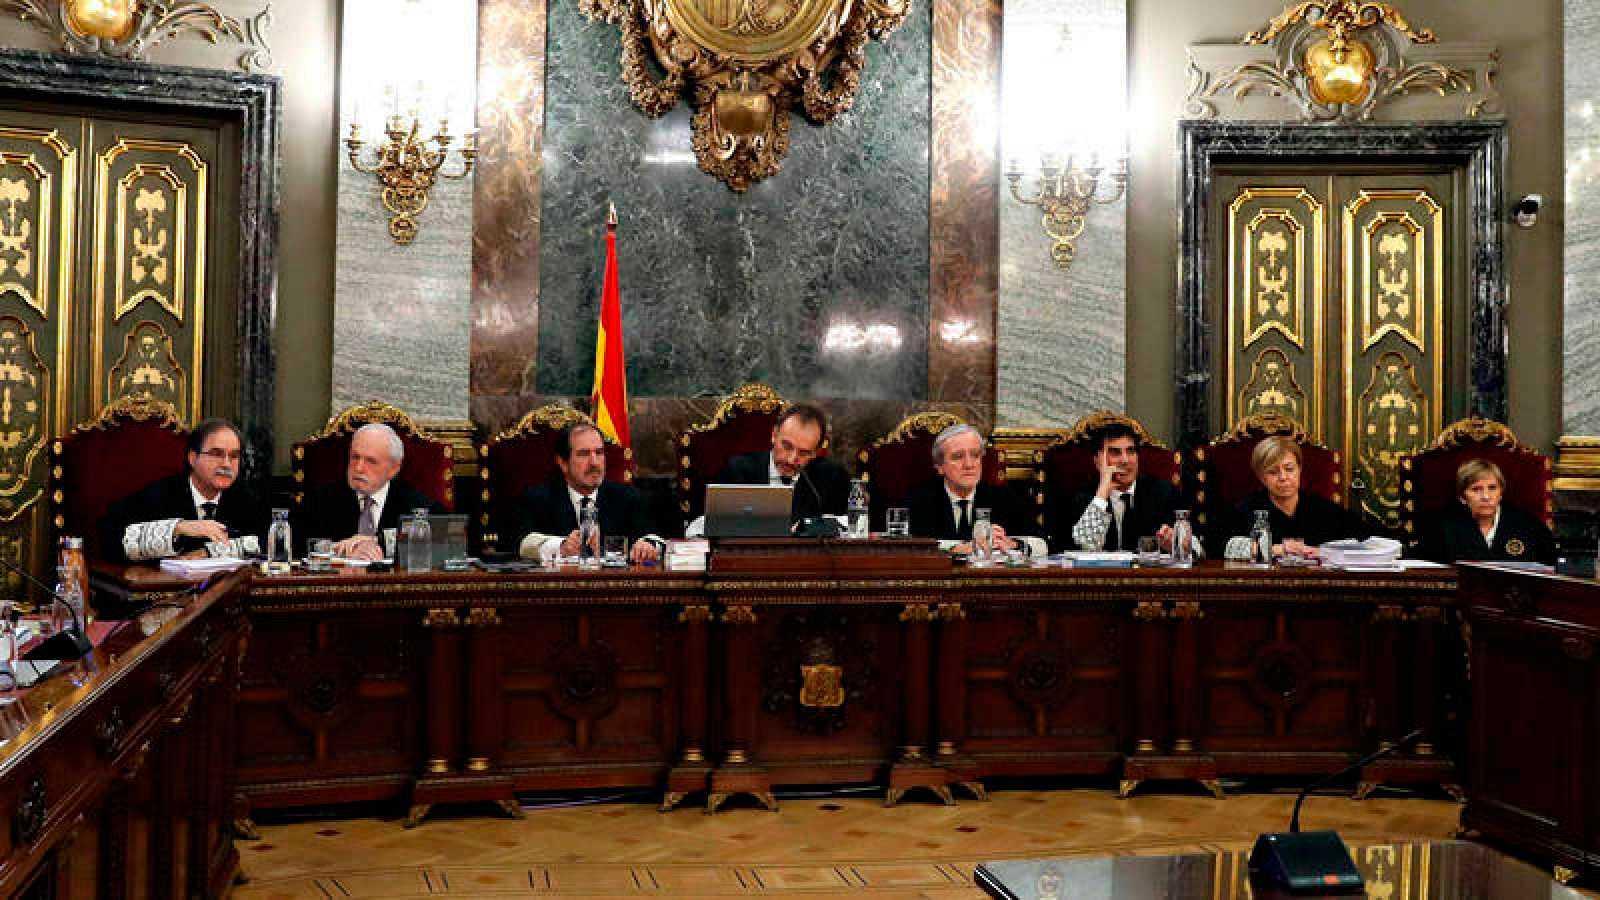 El Tribunal Supremo condenará a los líderes del 1-O por sedición